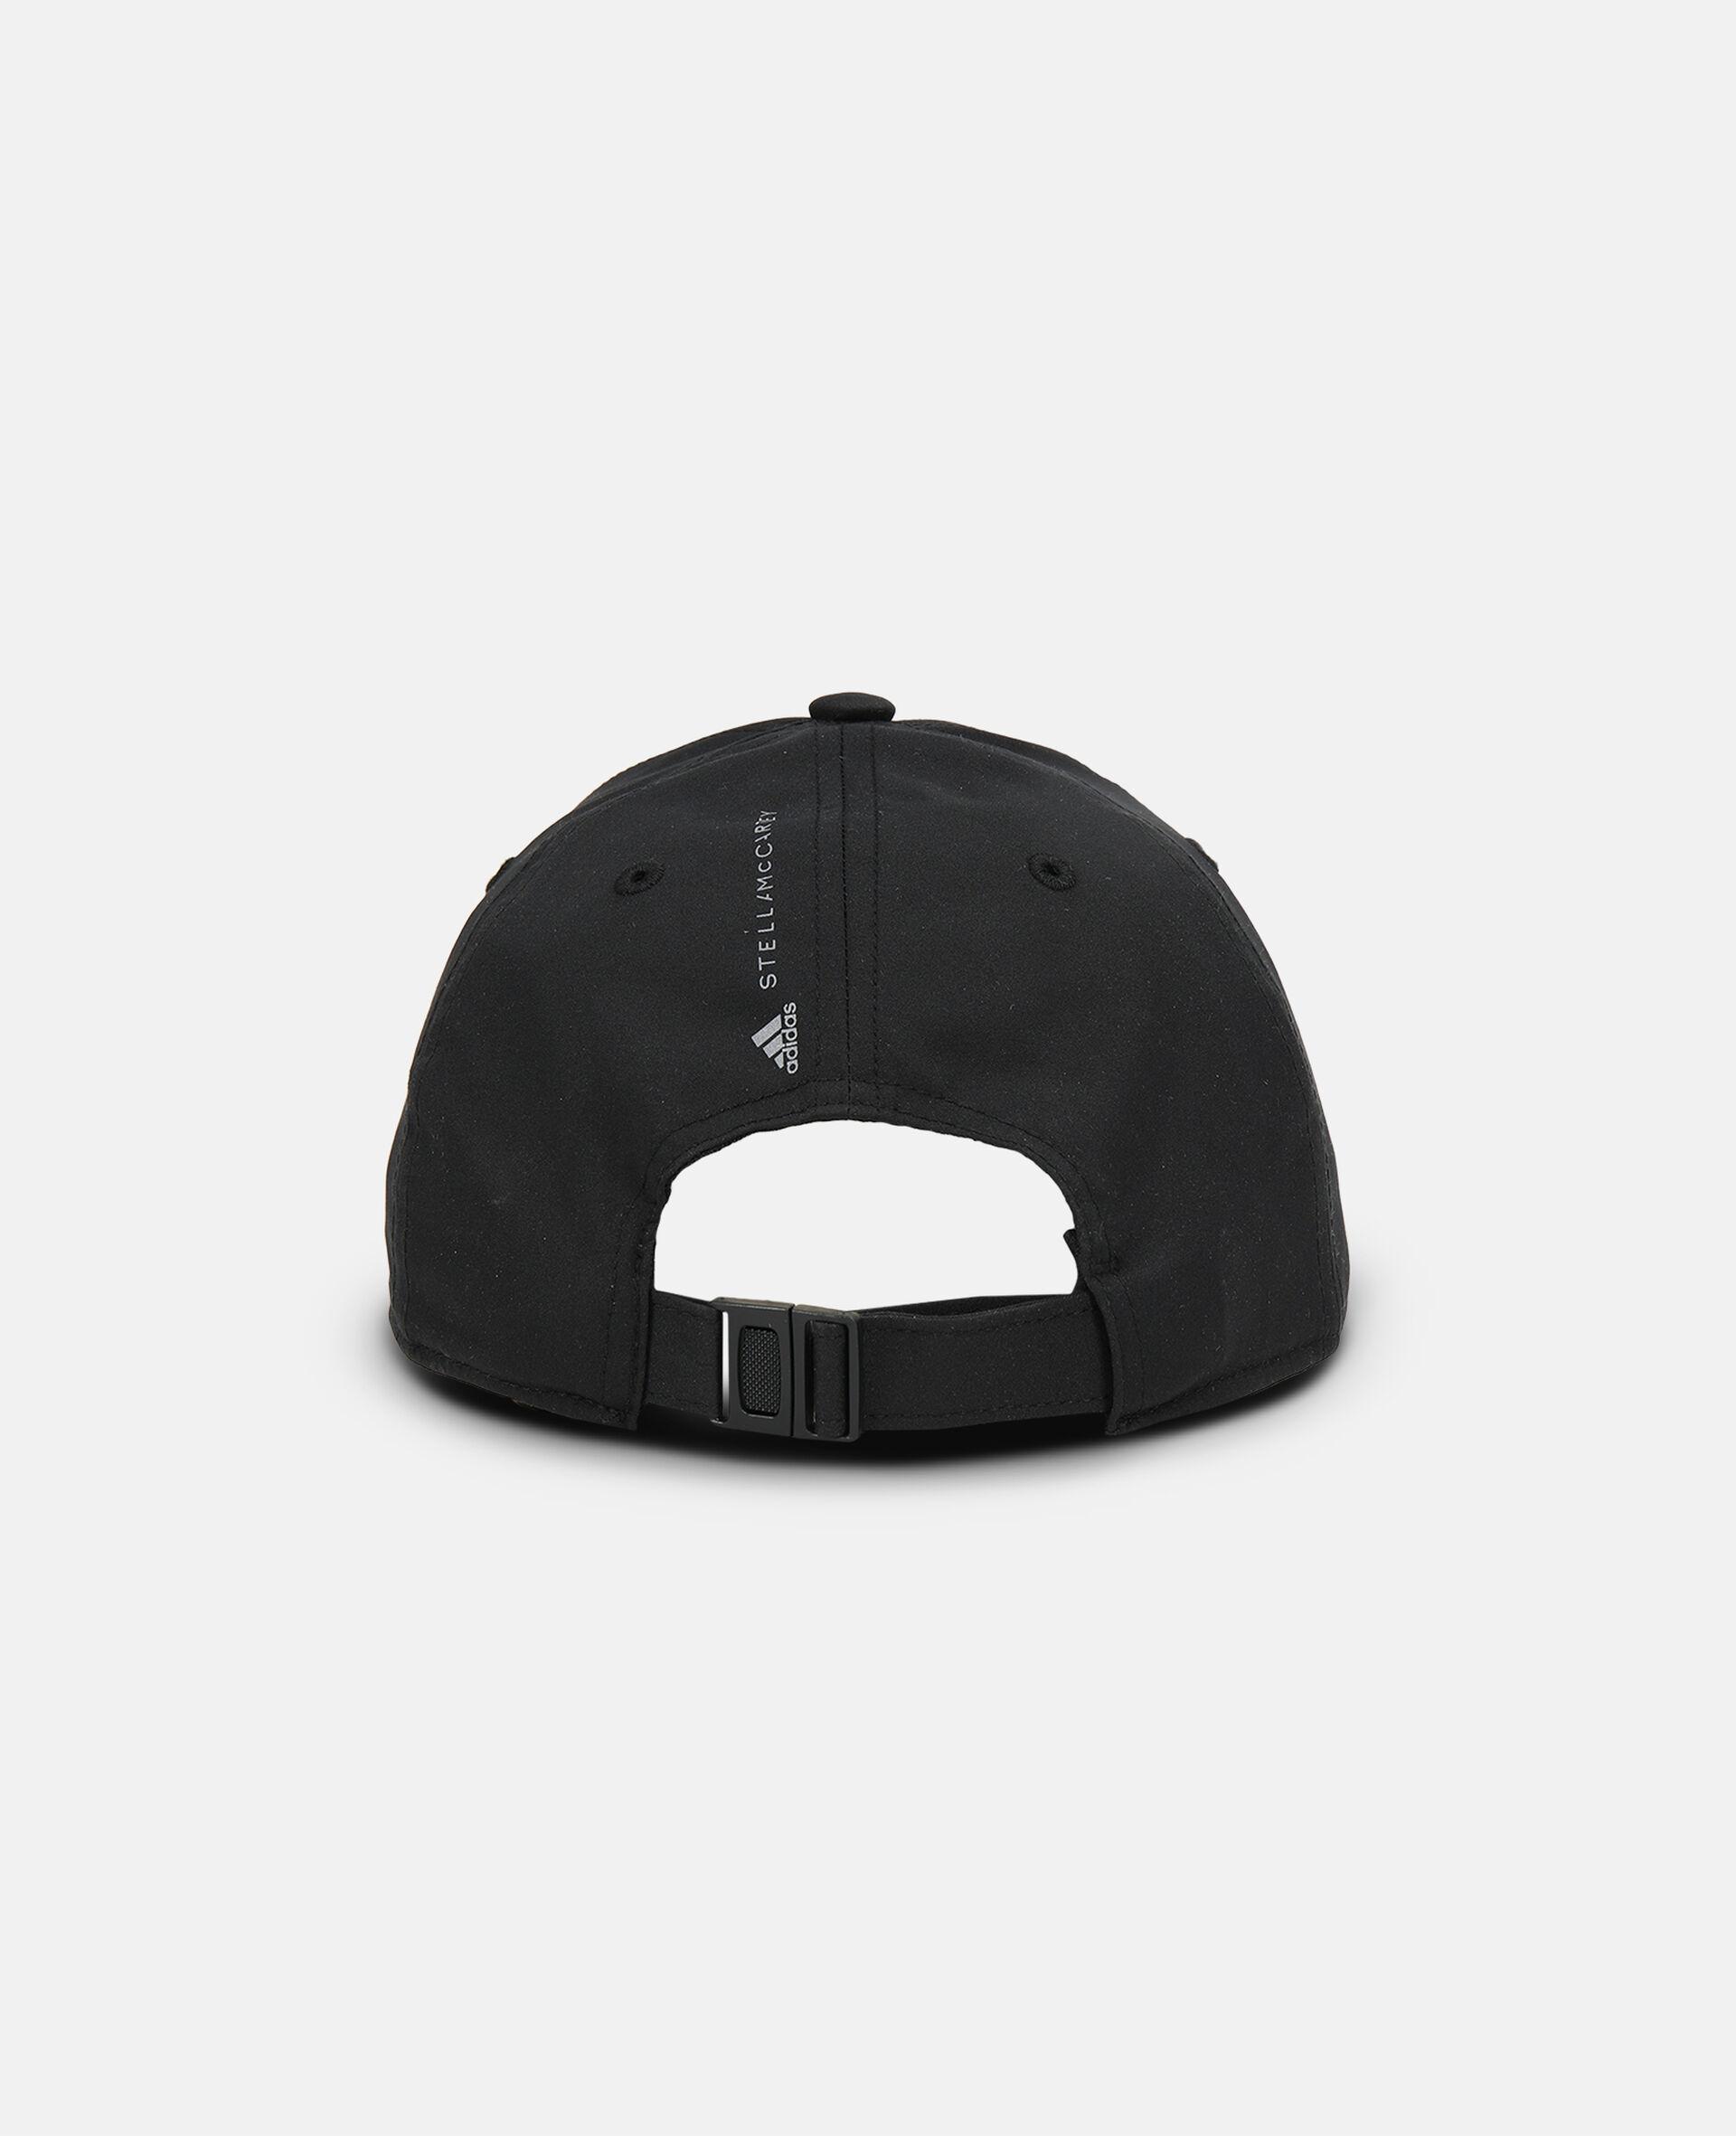 Black Cap-Black-large image number 1